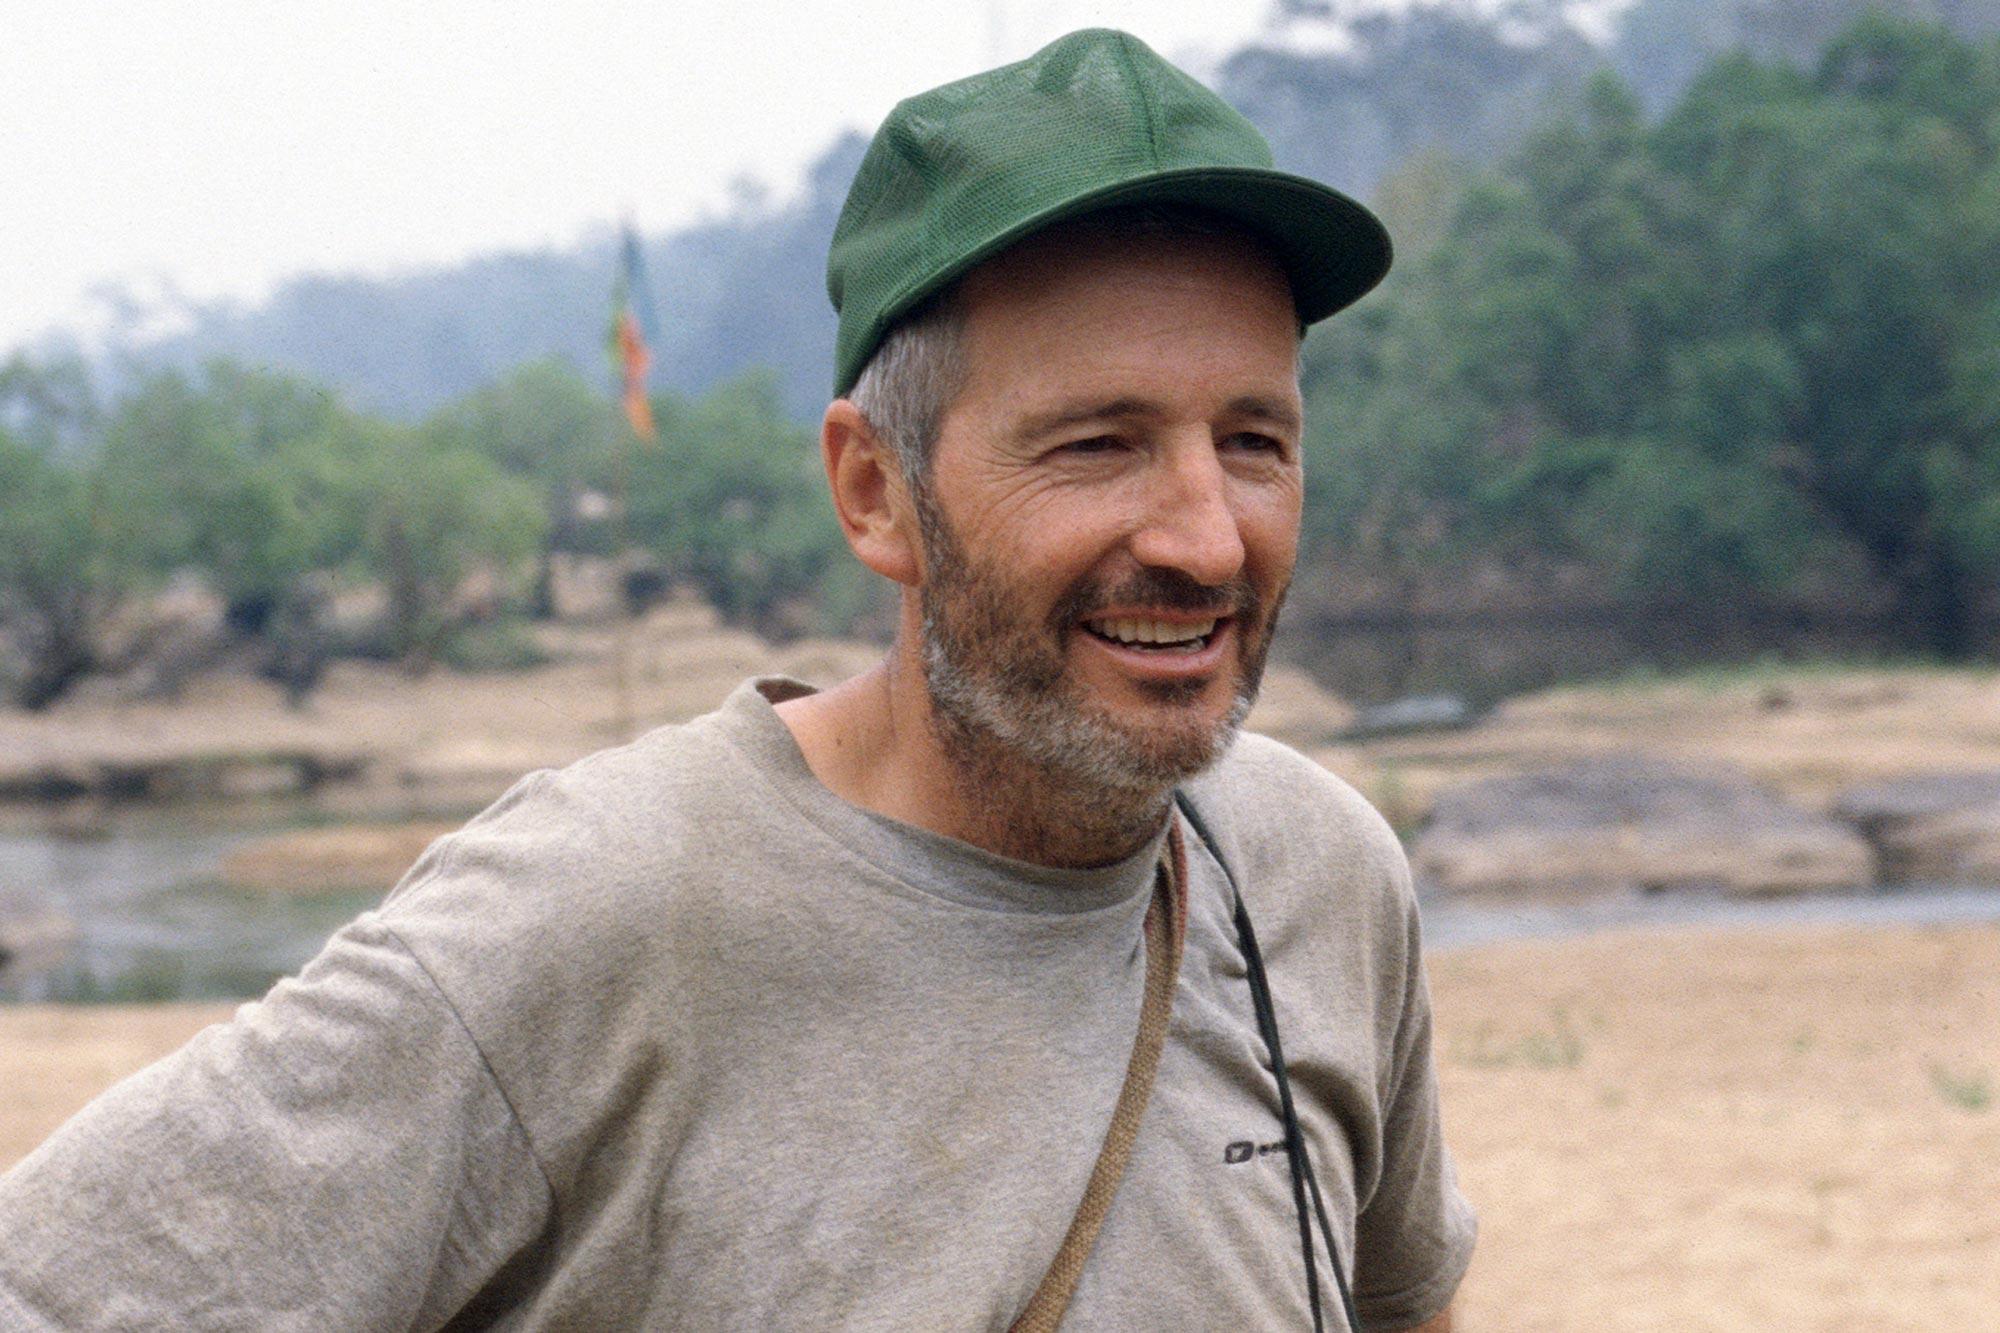 SURVIVOR: THE AUSTRALIAN OUTBACK Rodger Bingham